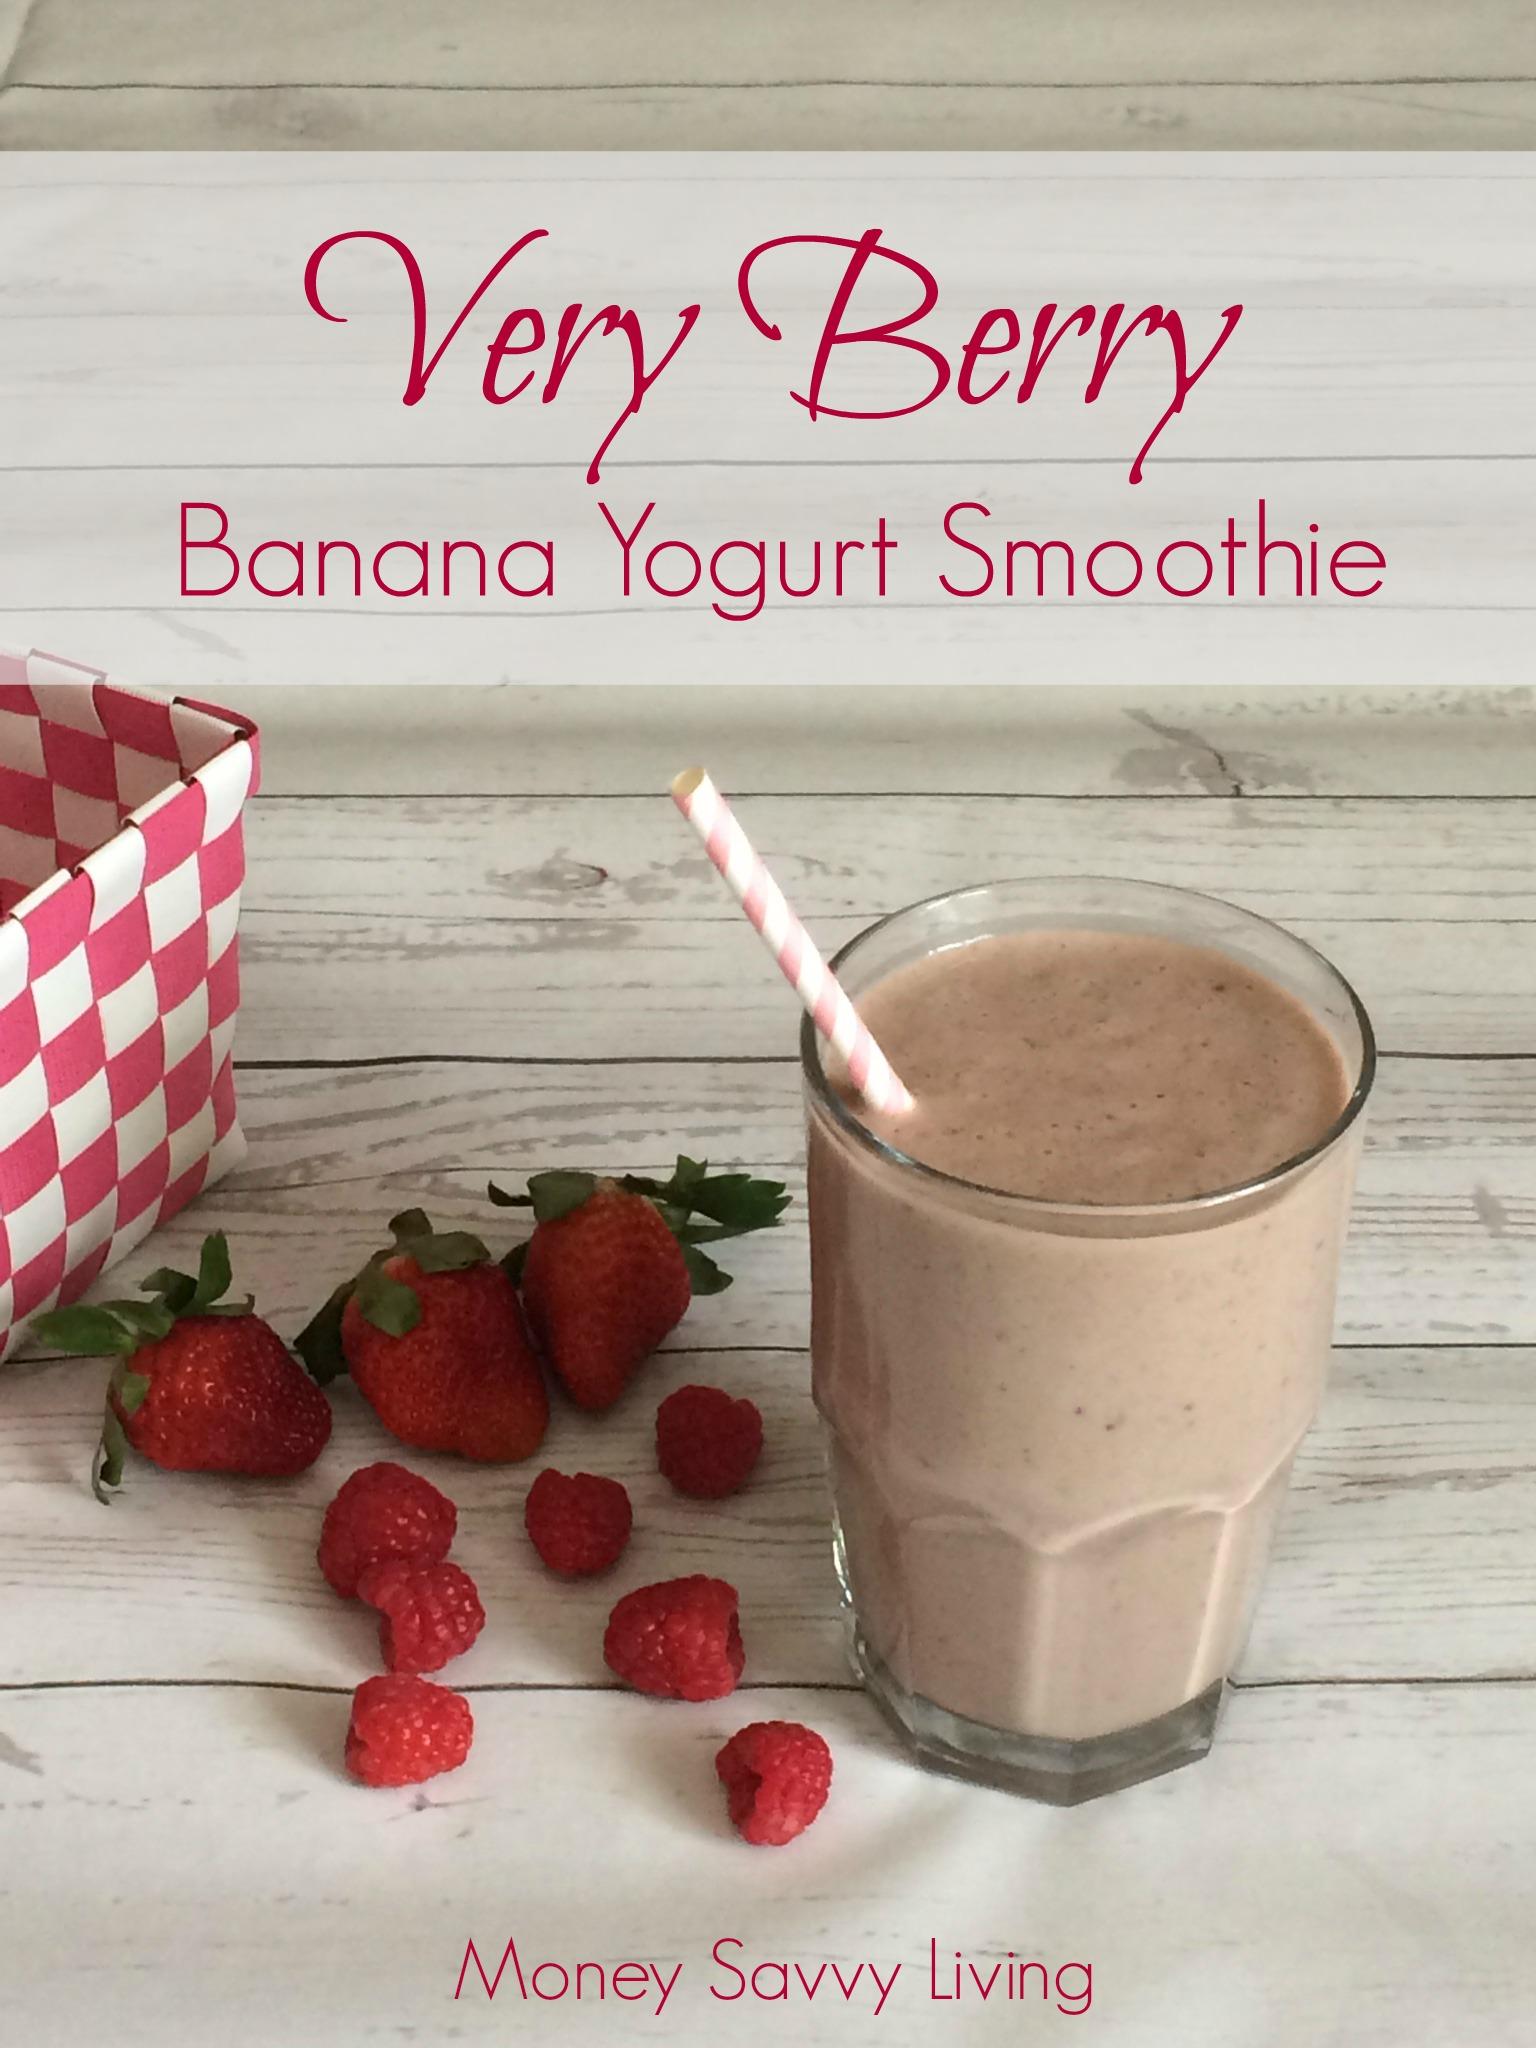 Very Berry Banana Yogurt Smoothie | Money Savvy Living